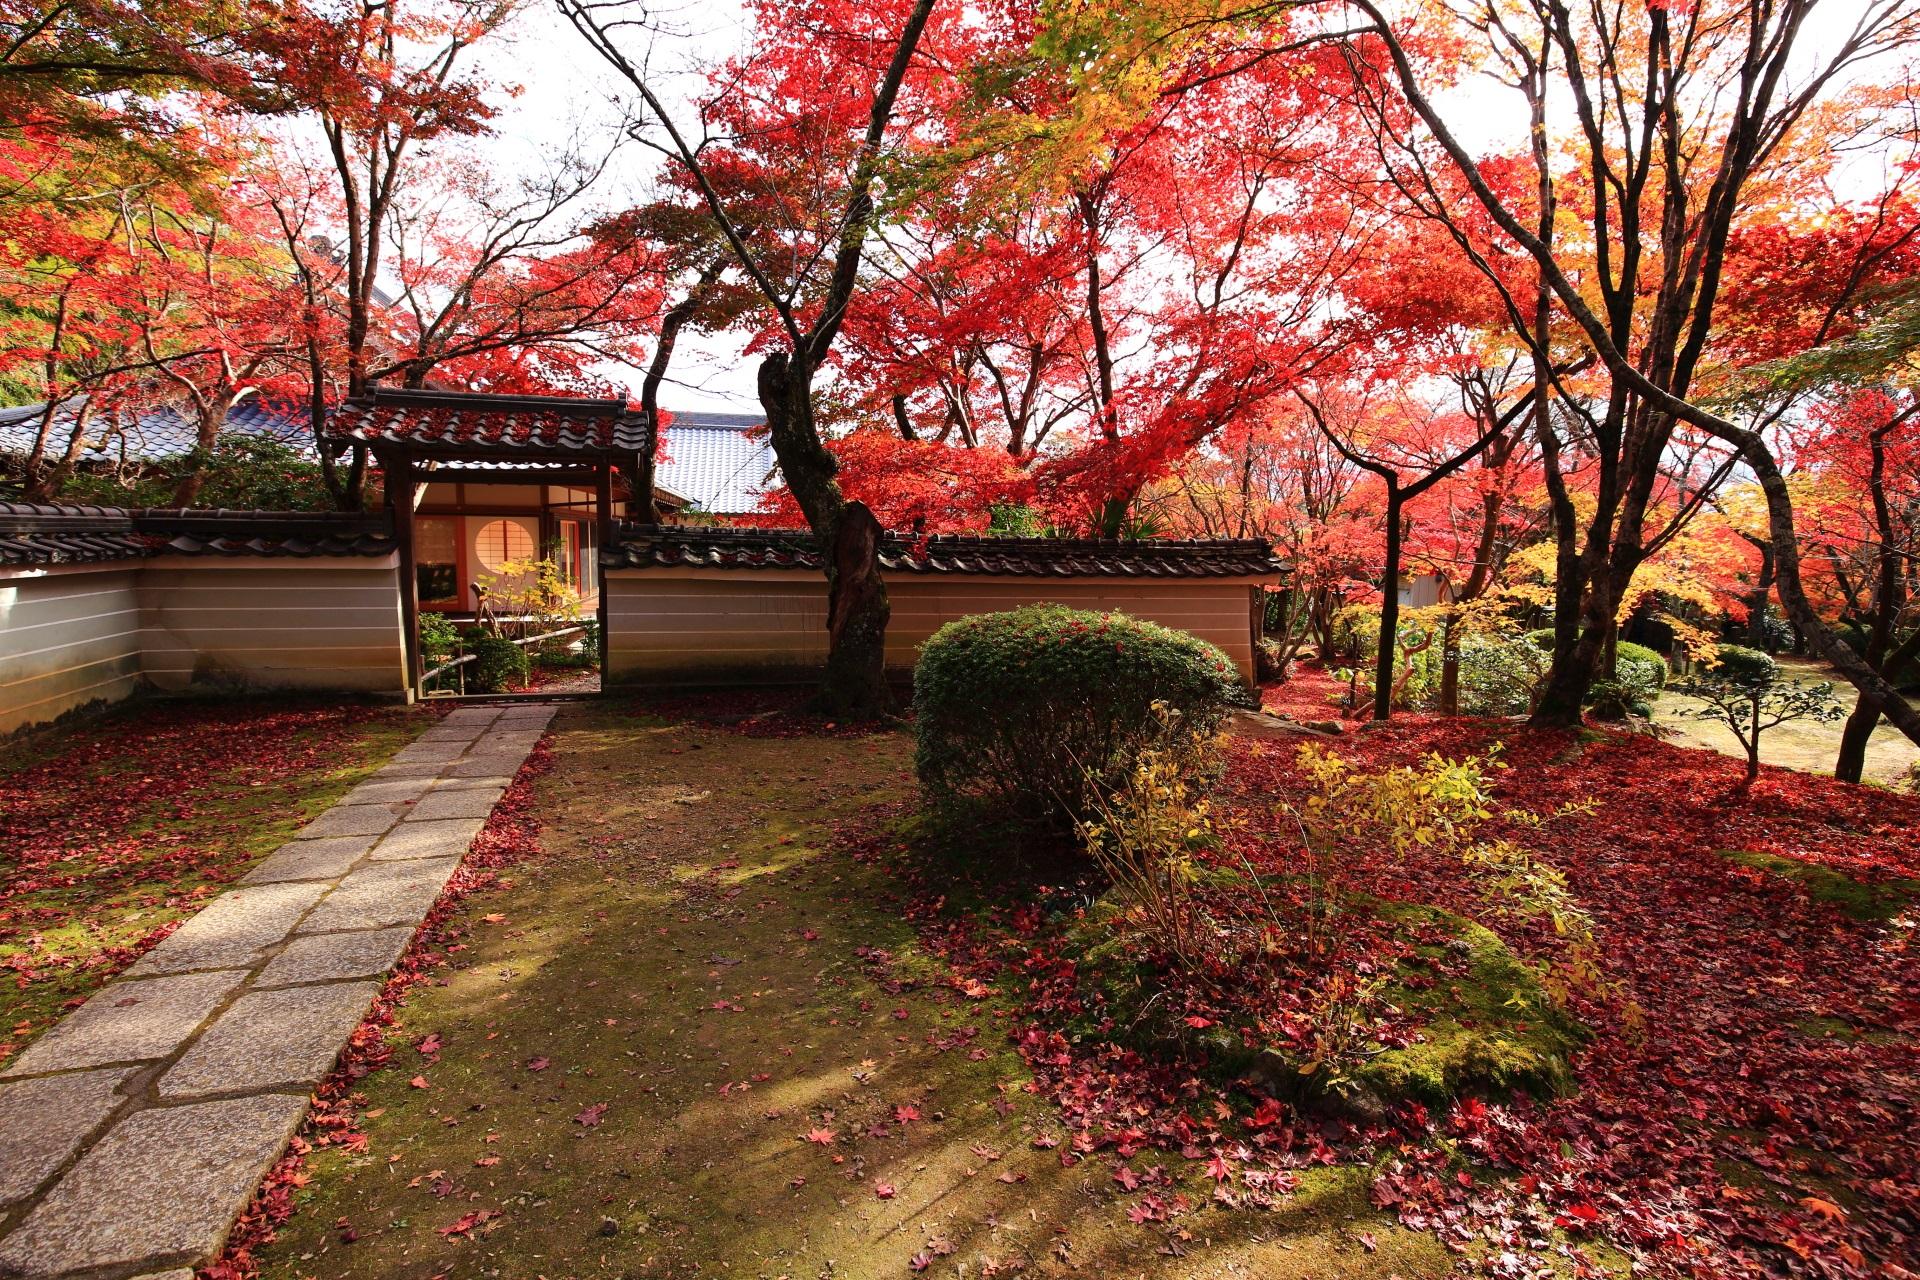 多彩な秋が広がる勝持寺の本堂付近の紅葉